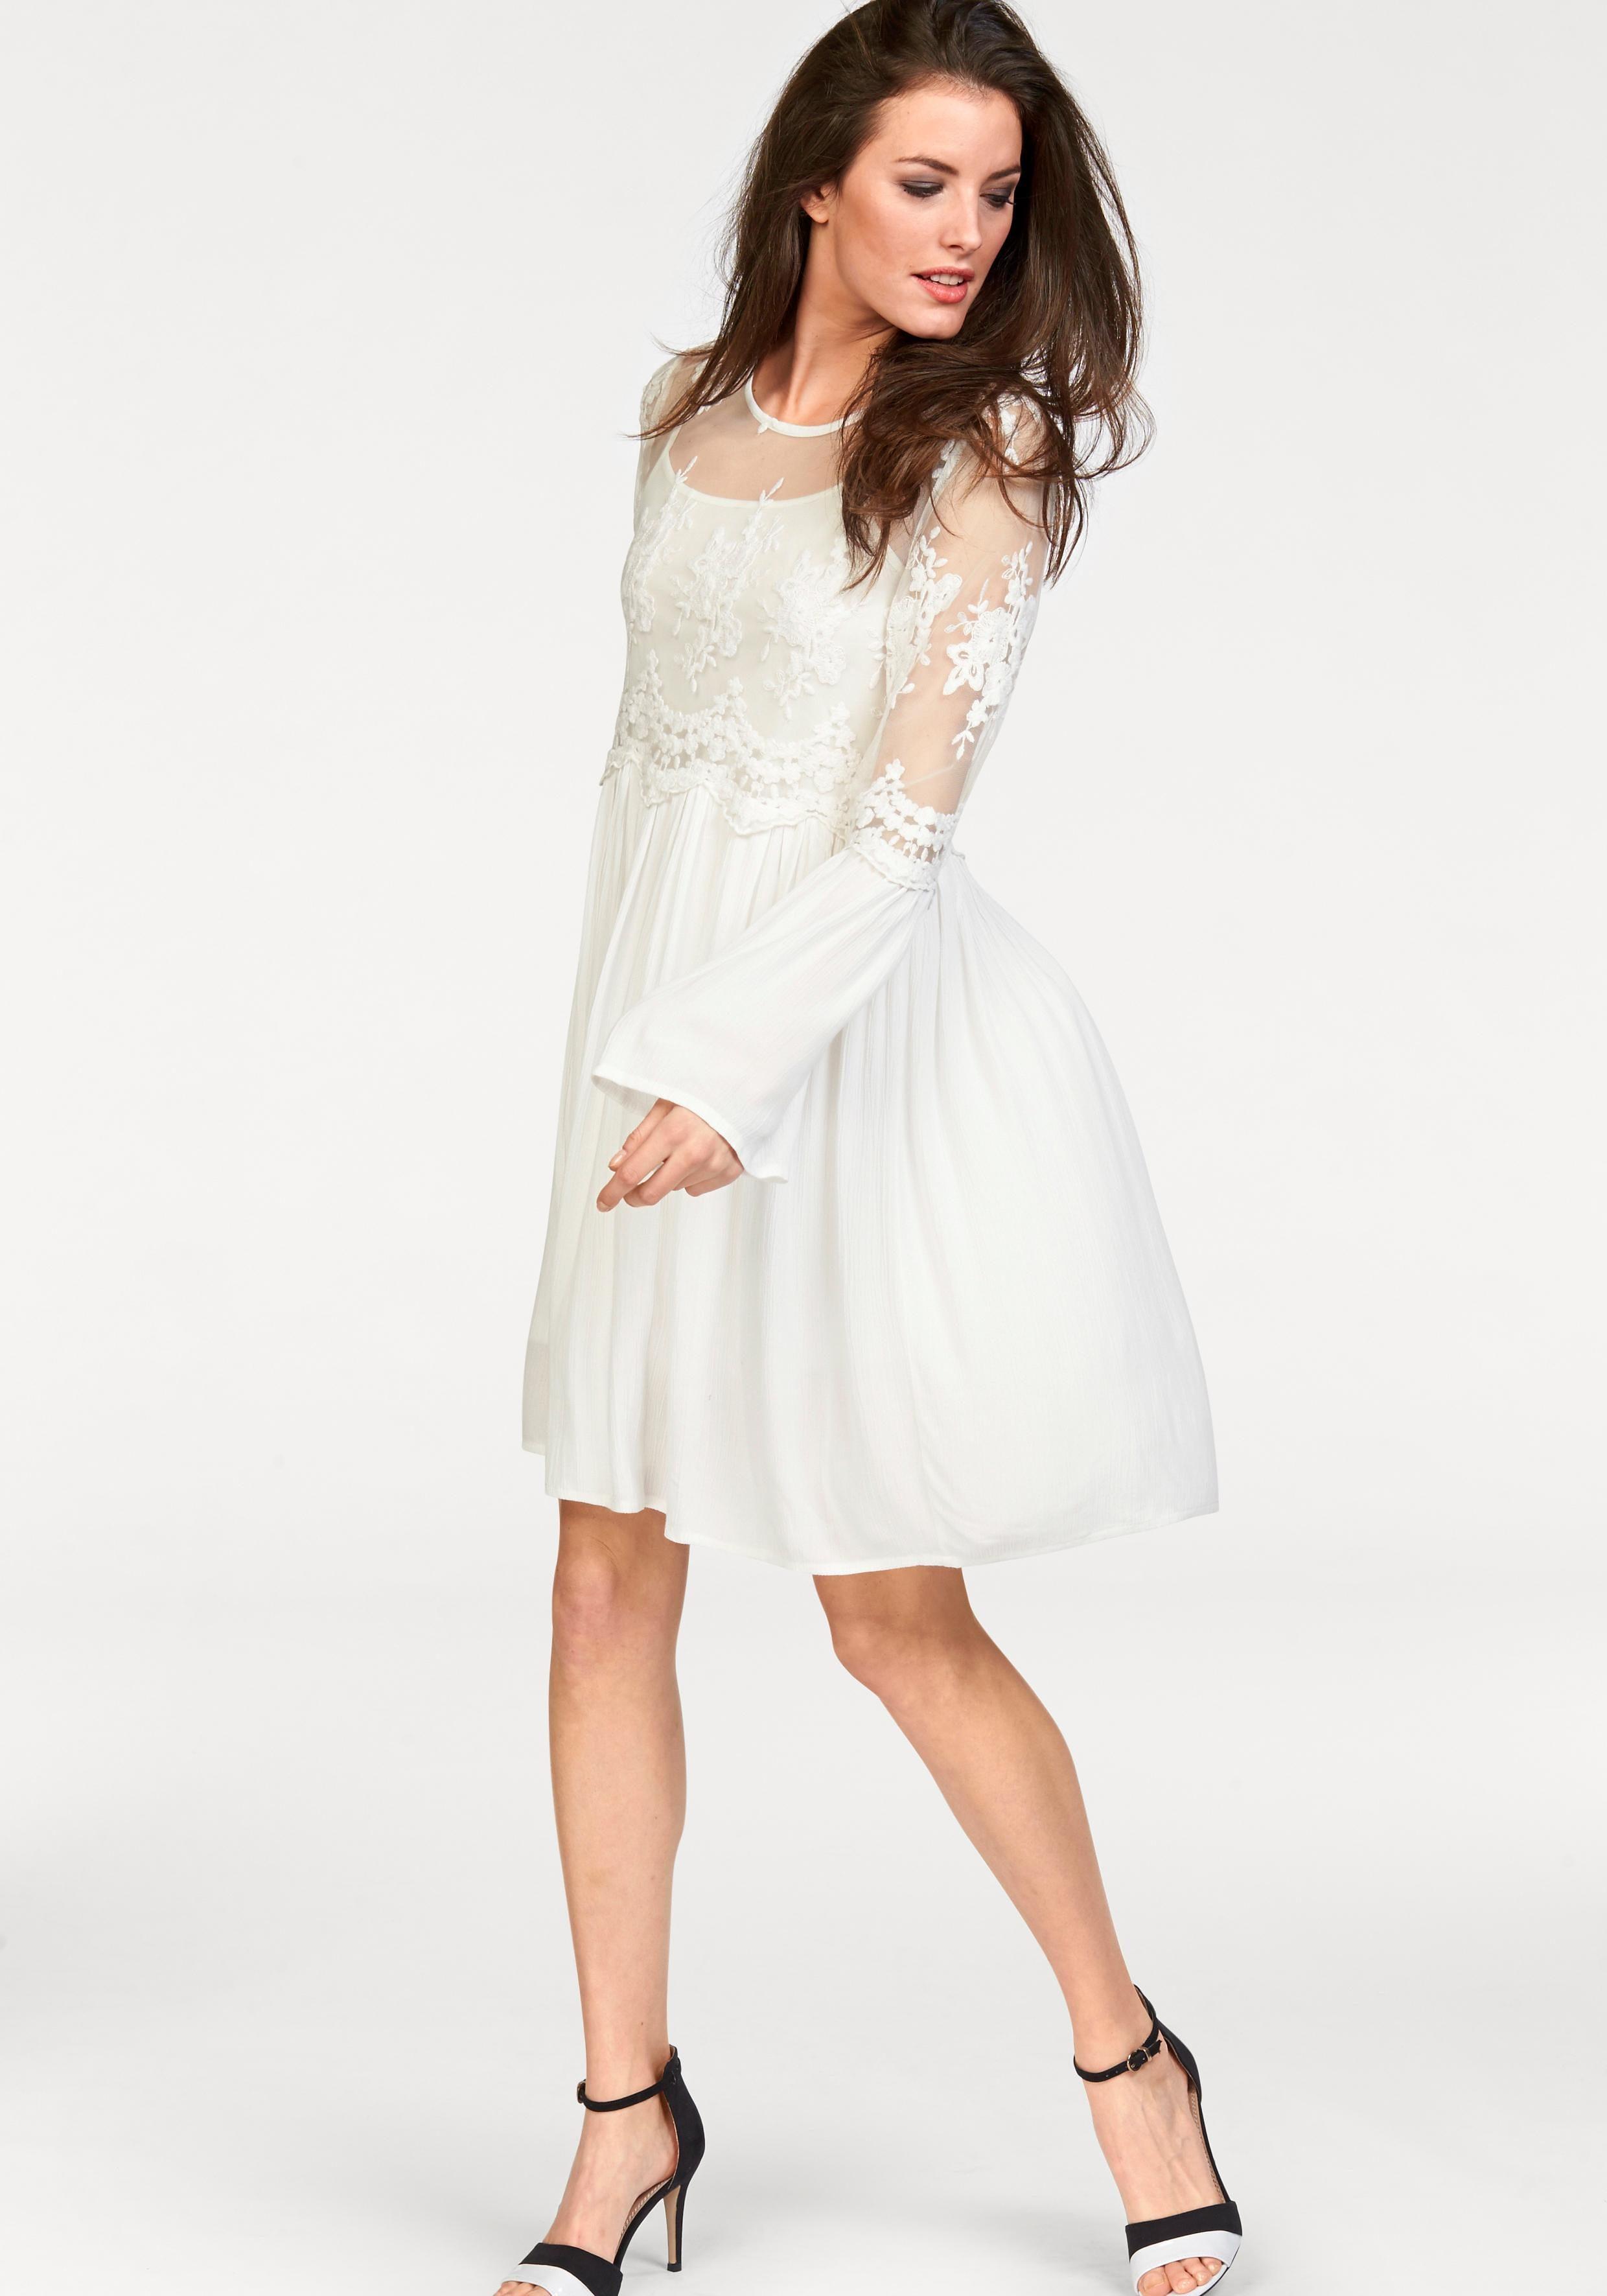 Aniston by BAUR Spitzenkleid (Set, 2-tlg) im Romantik-Look